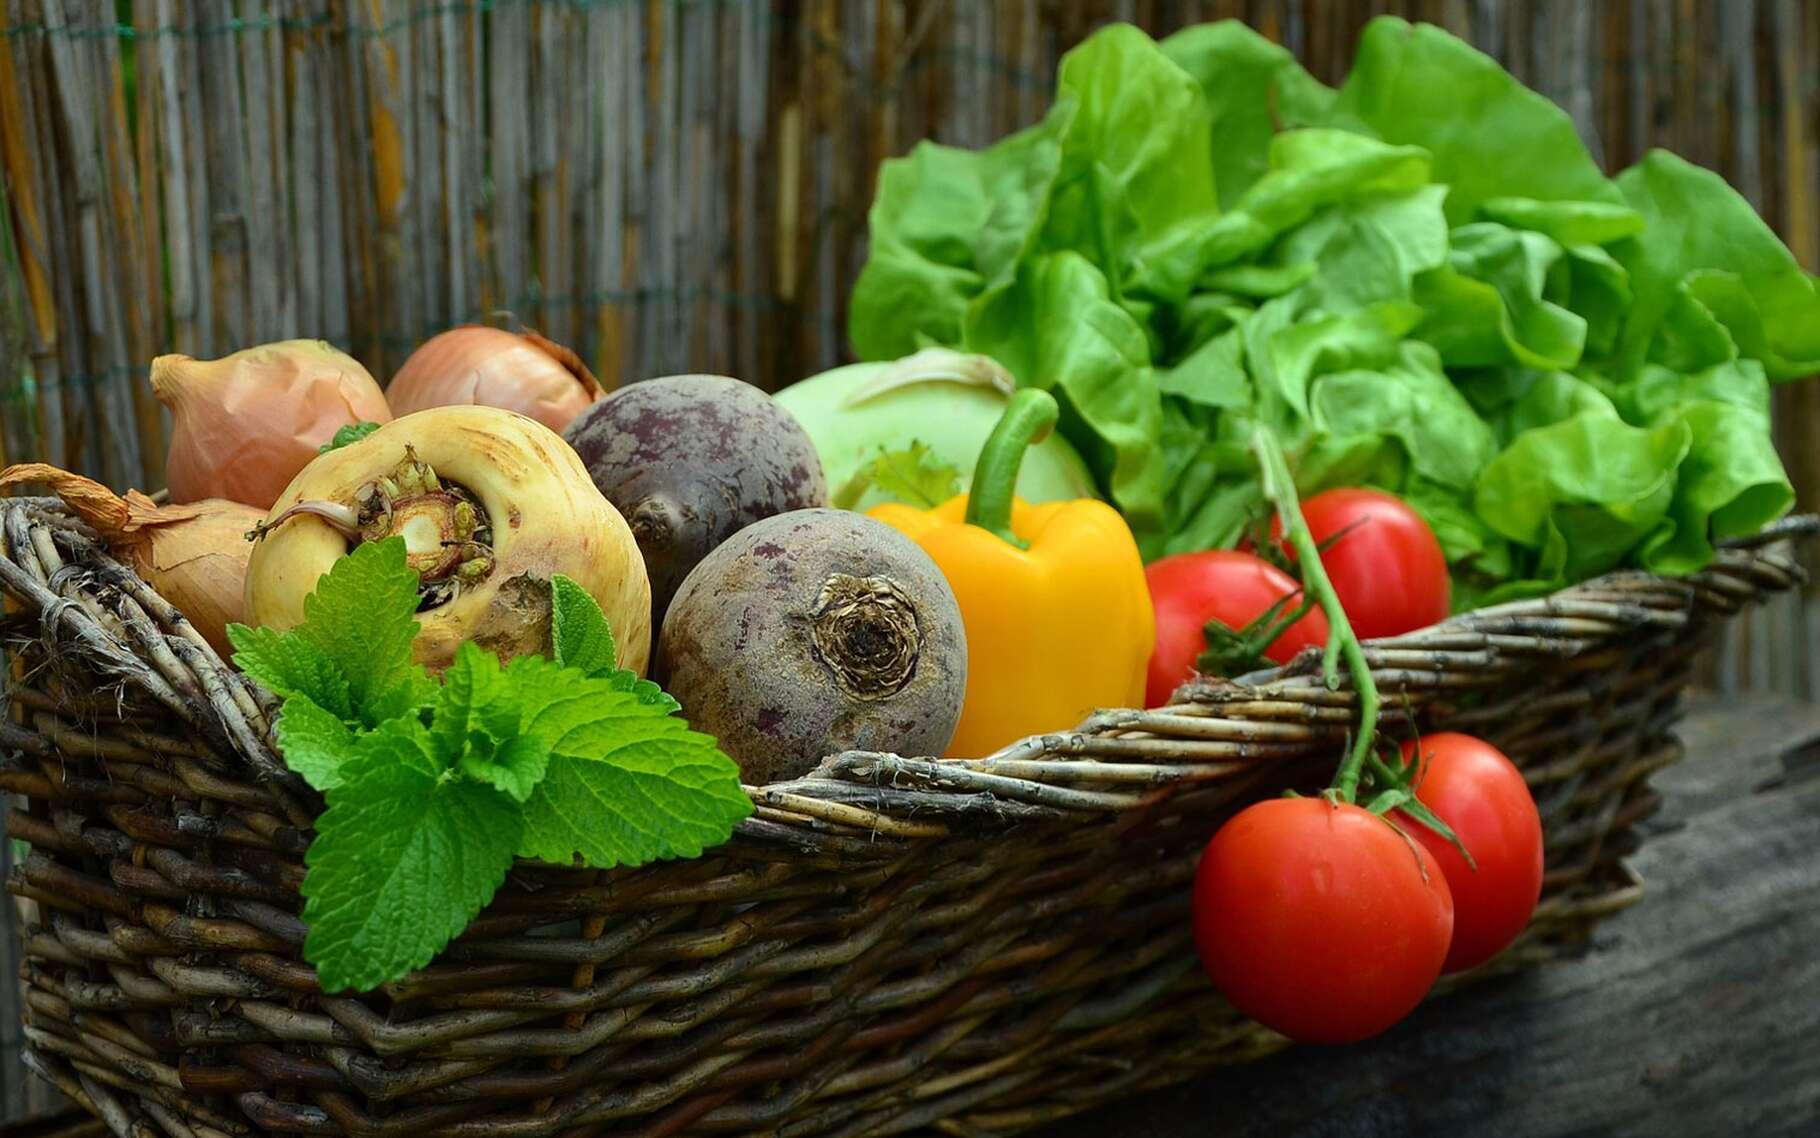 Les légumes bio sont excellents pour la santé. © Congerdesign, Pixabay, DP